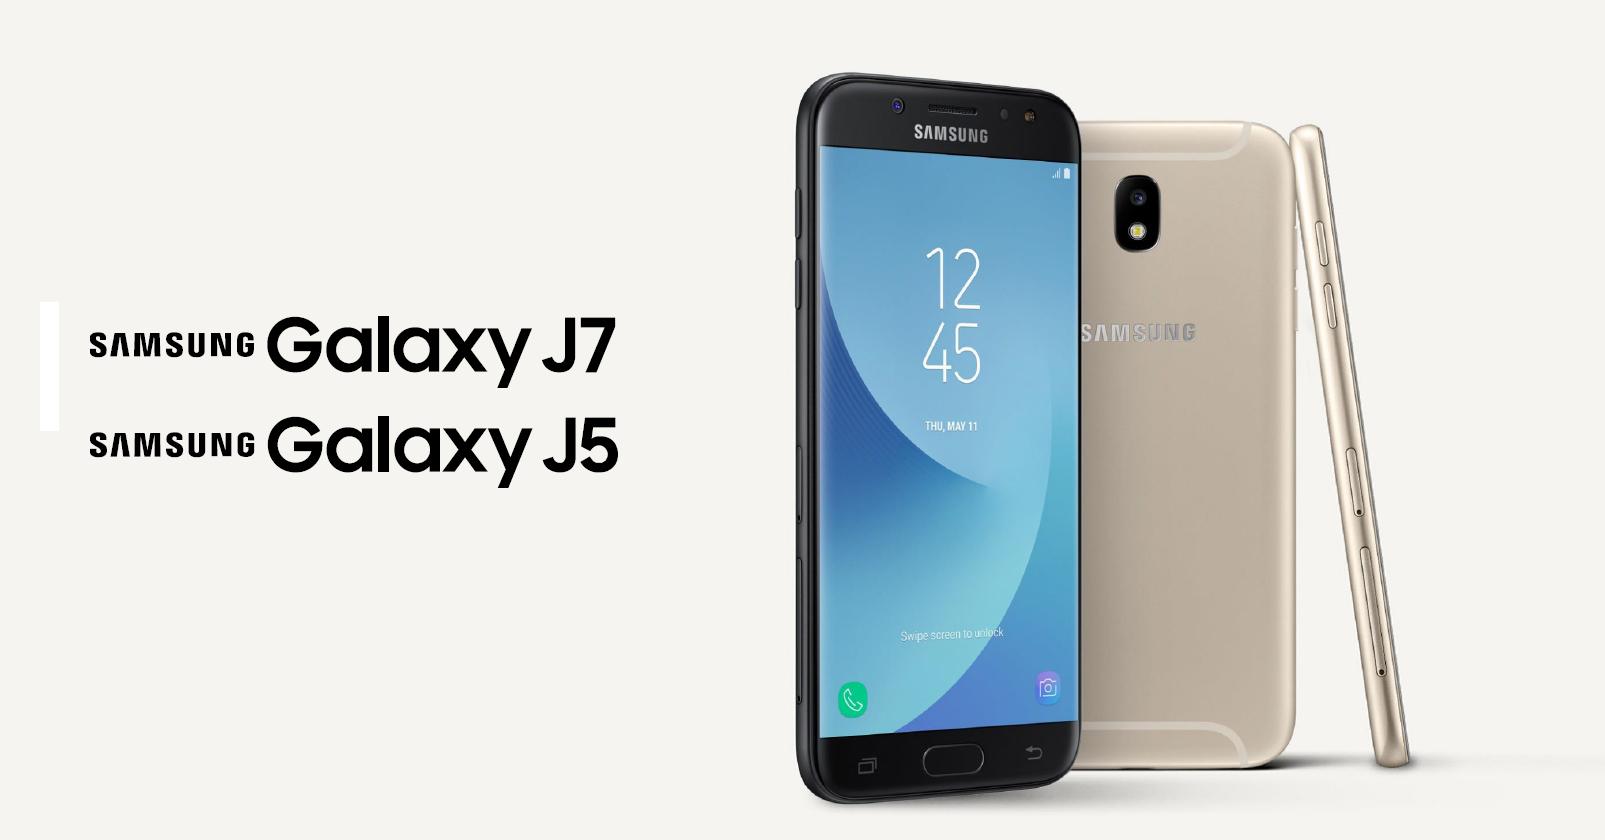 Samsung Galaxy J5 и J7 — обновление популярной линейки